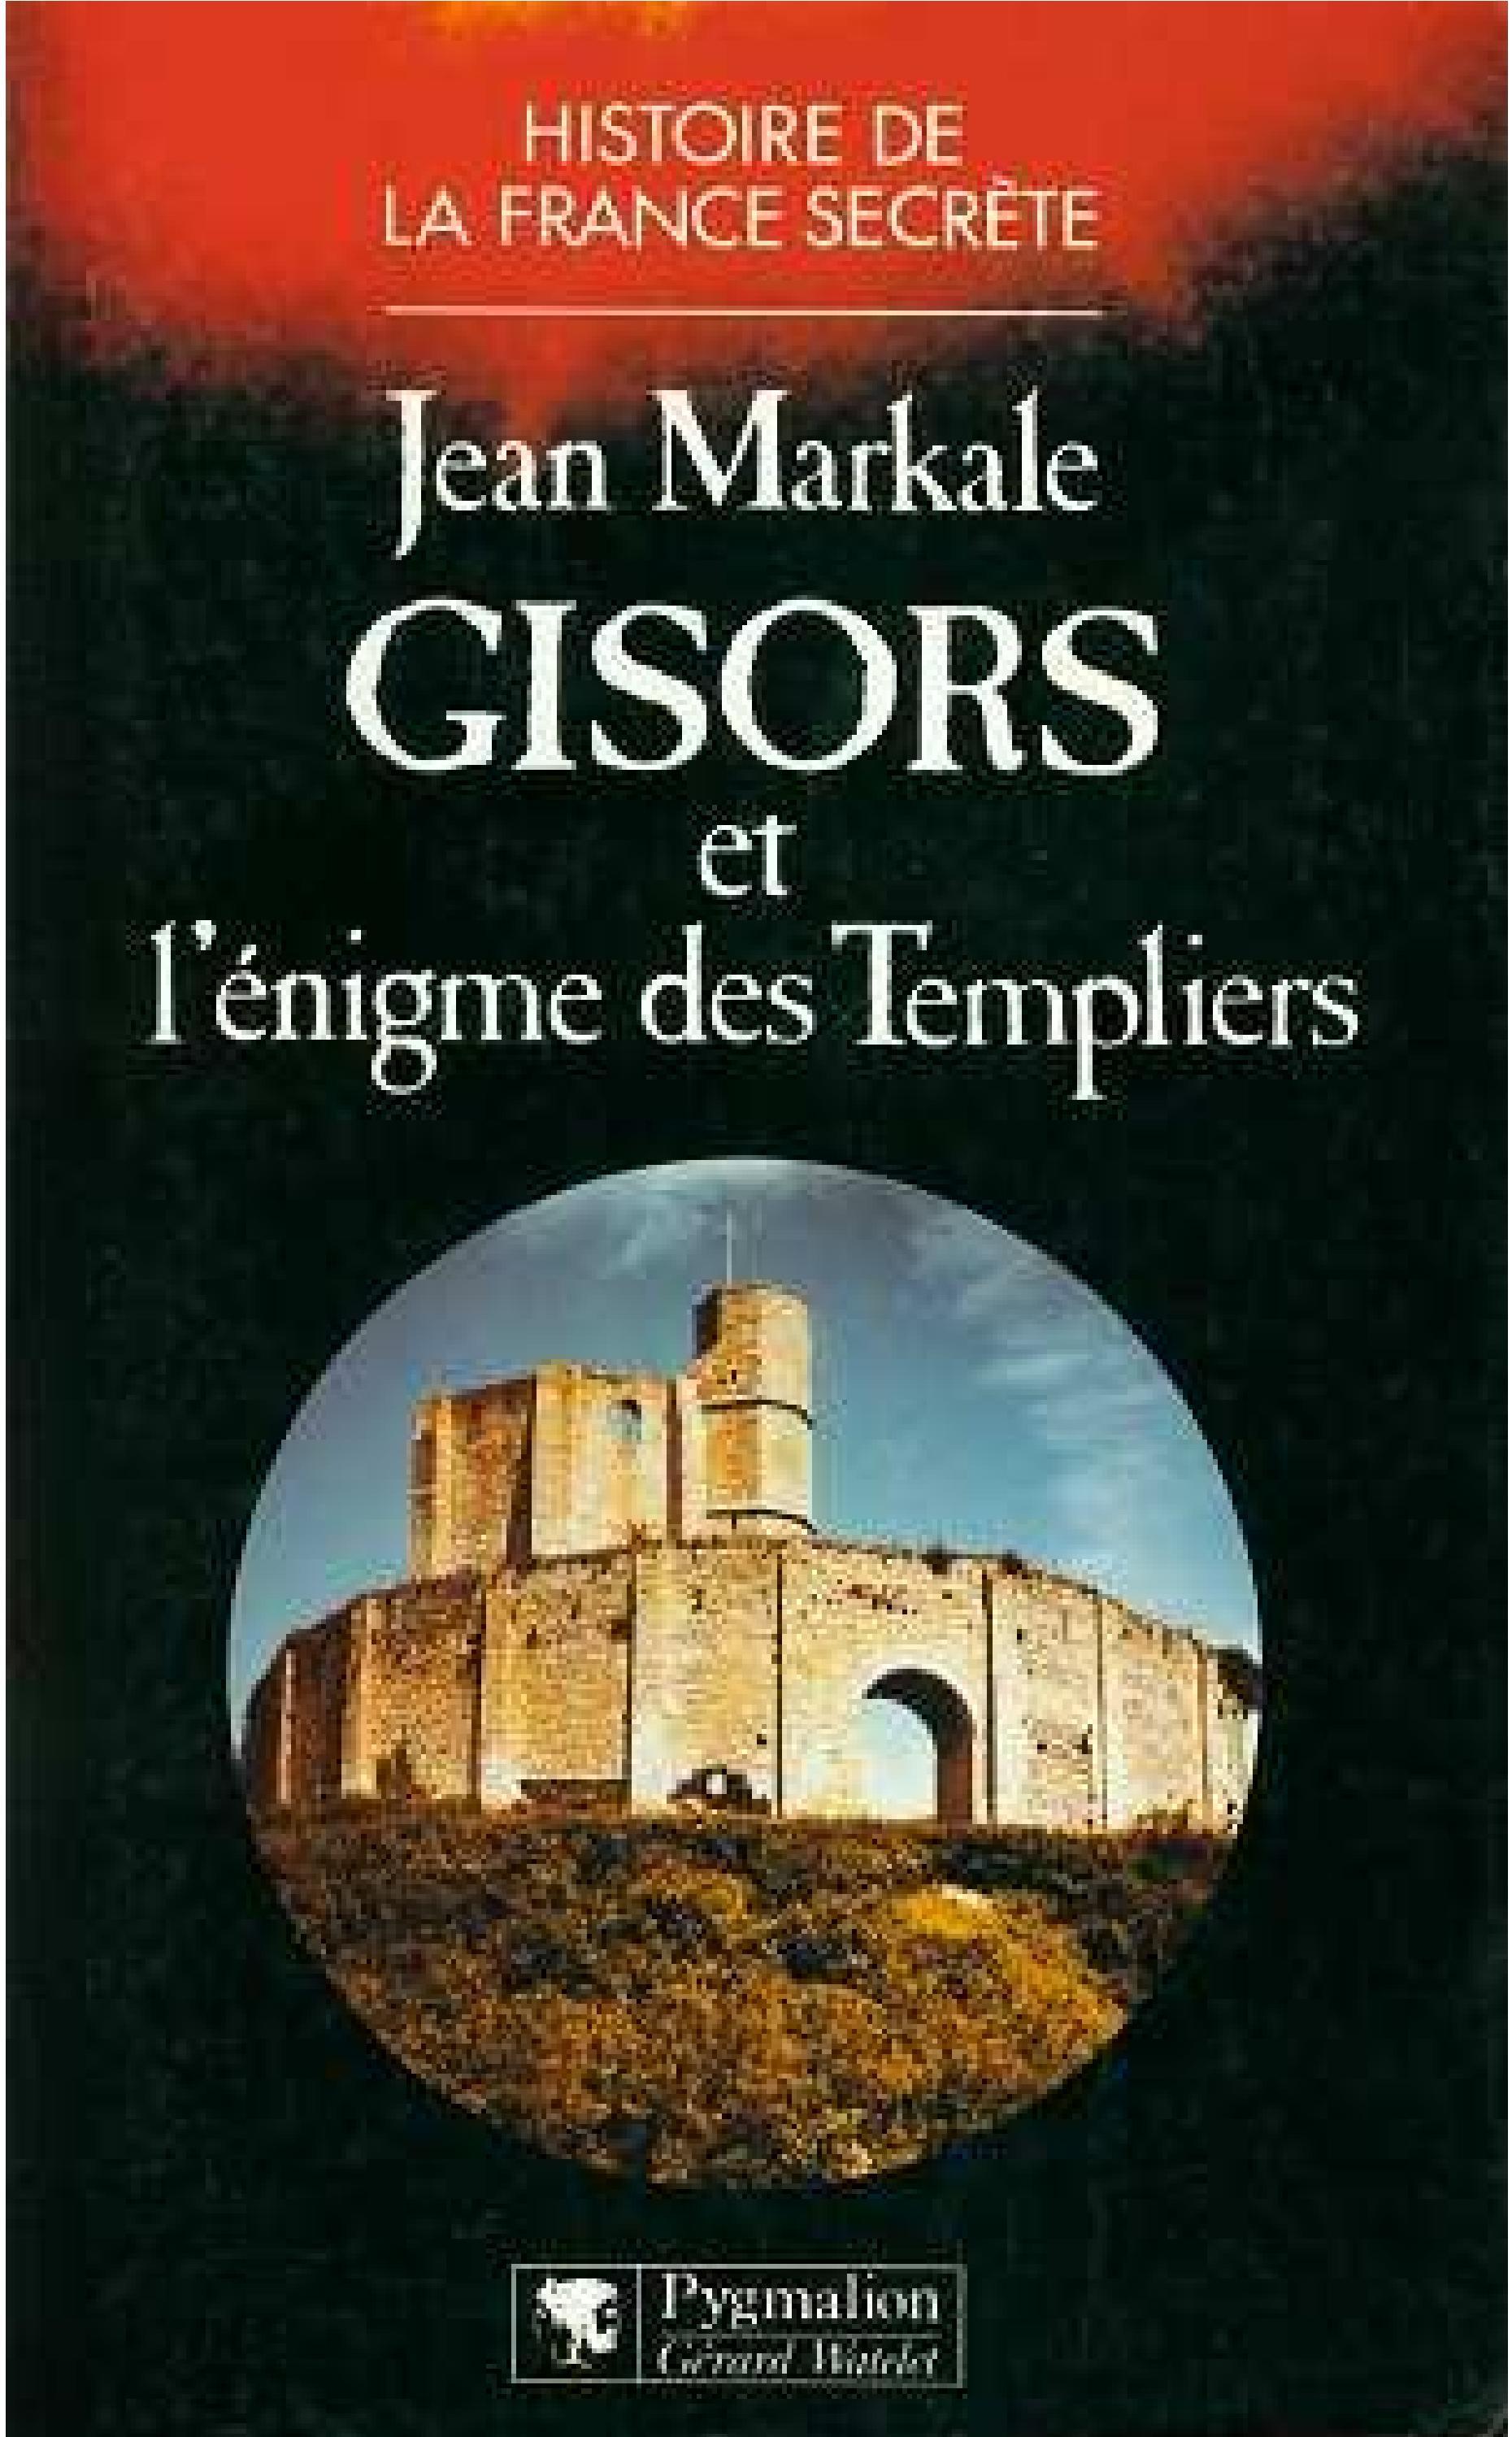 Du Pareil Au Meme Gisors markale jean - gisors et l'énigme des templiers clan9